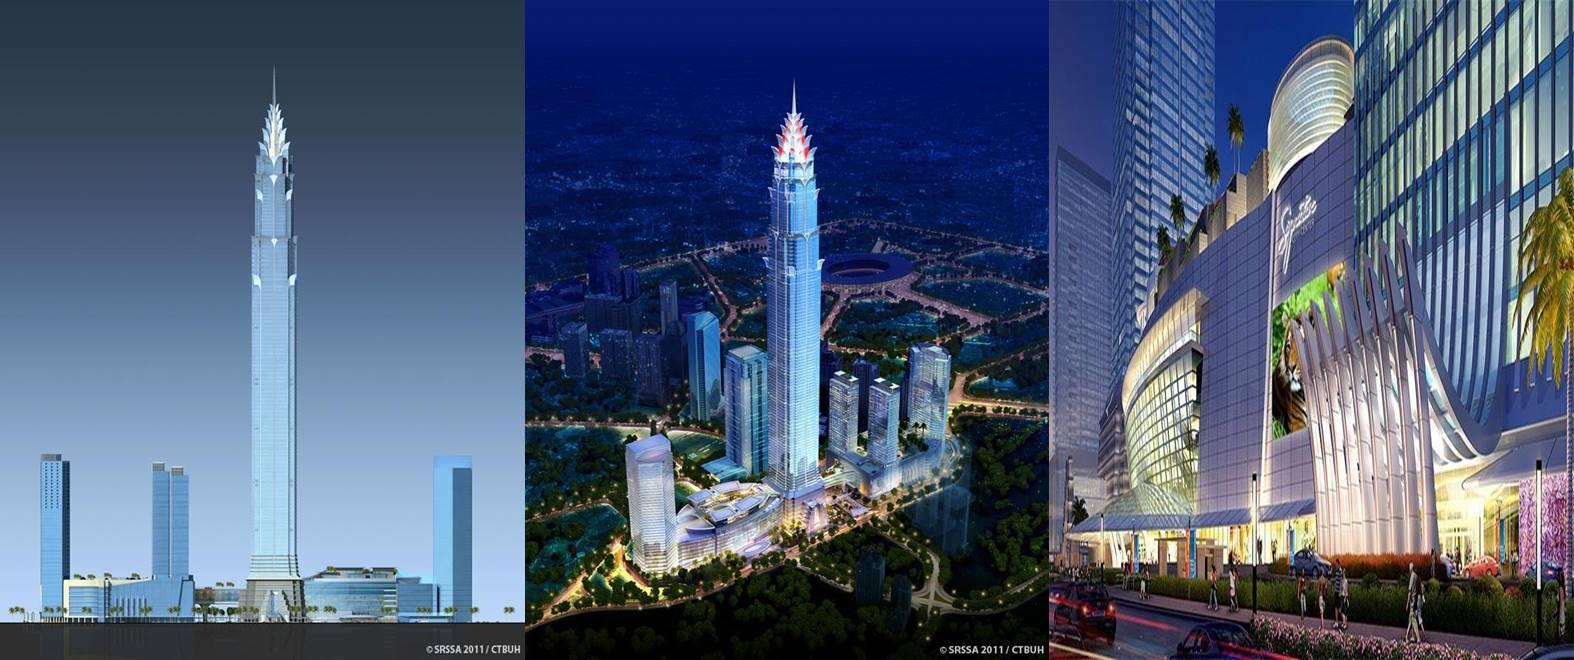 Bila selesai dibangun, gedung di Jakarta ini jadi tertinggi ke-6 dunia